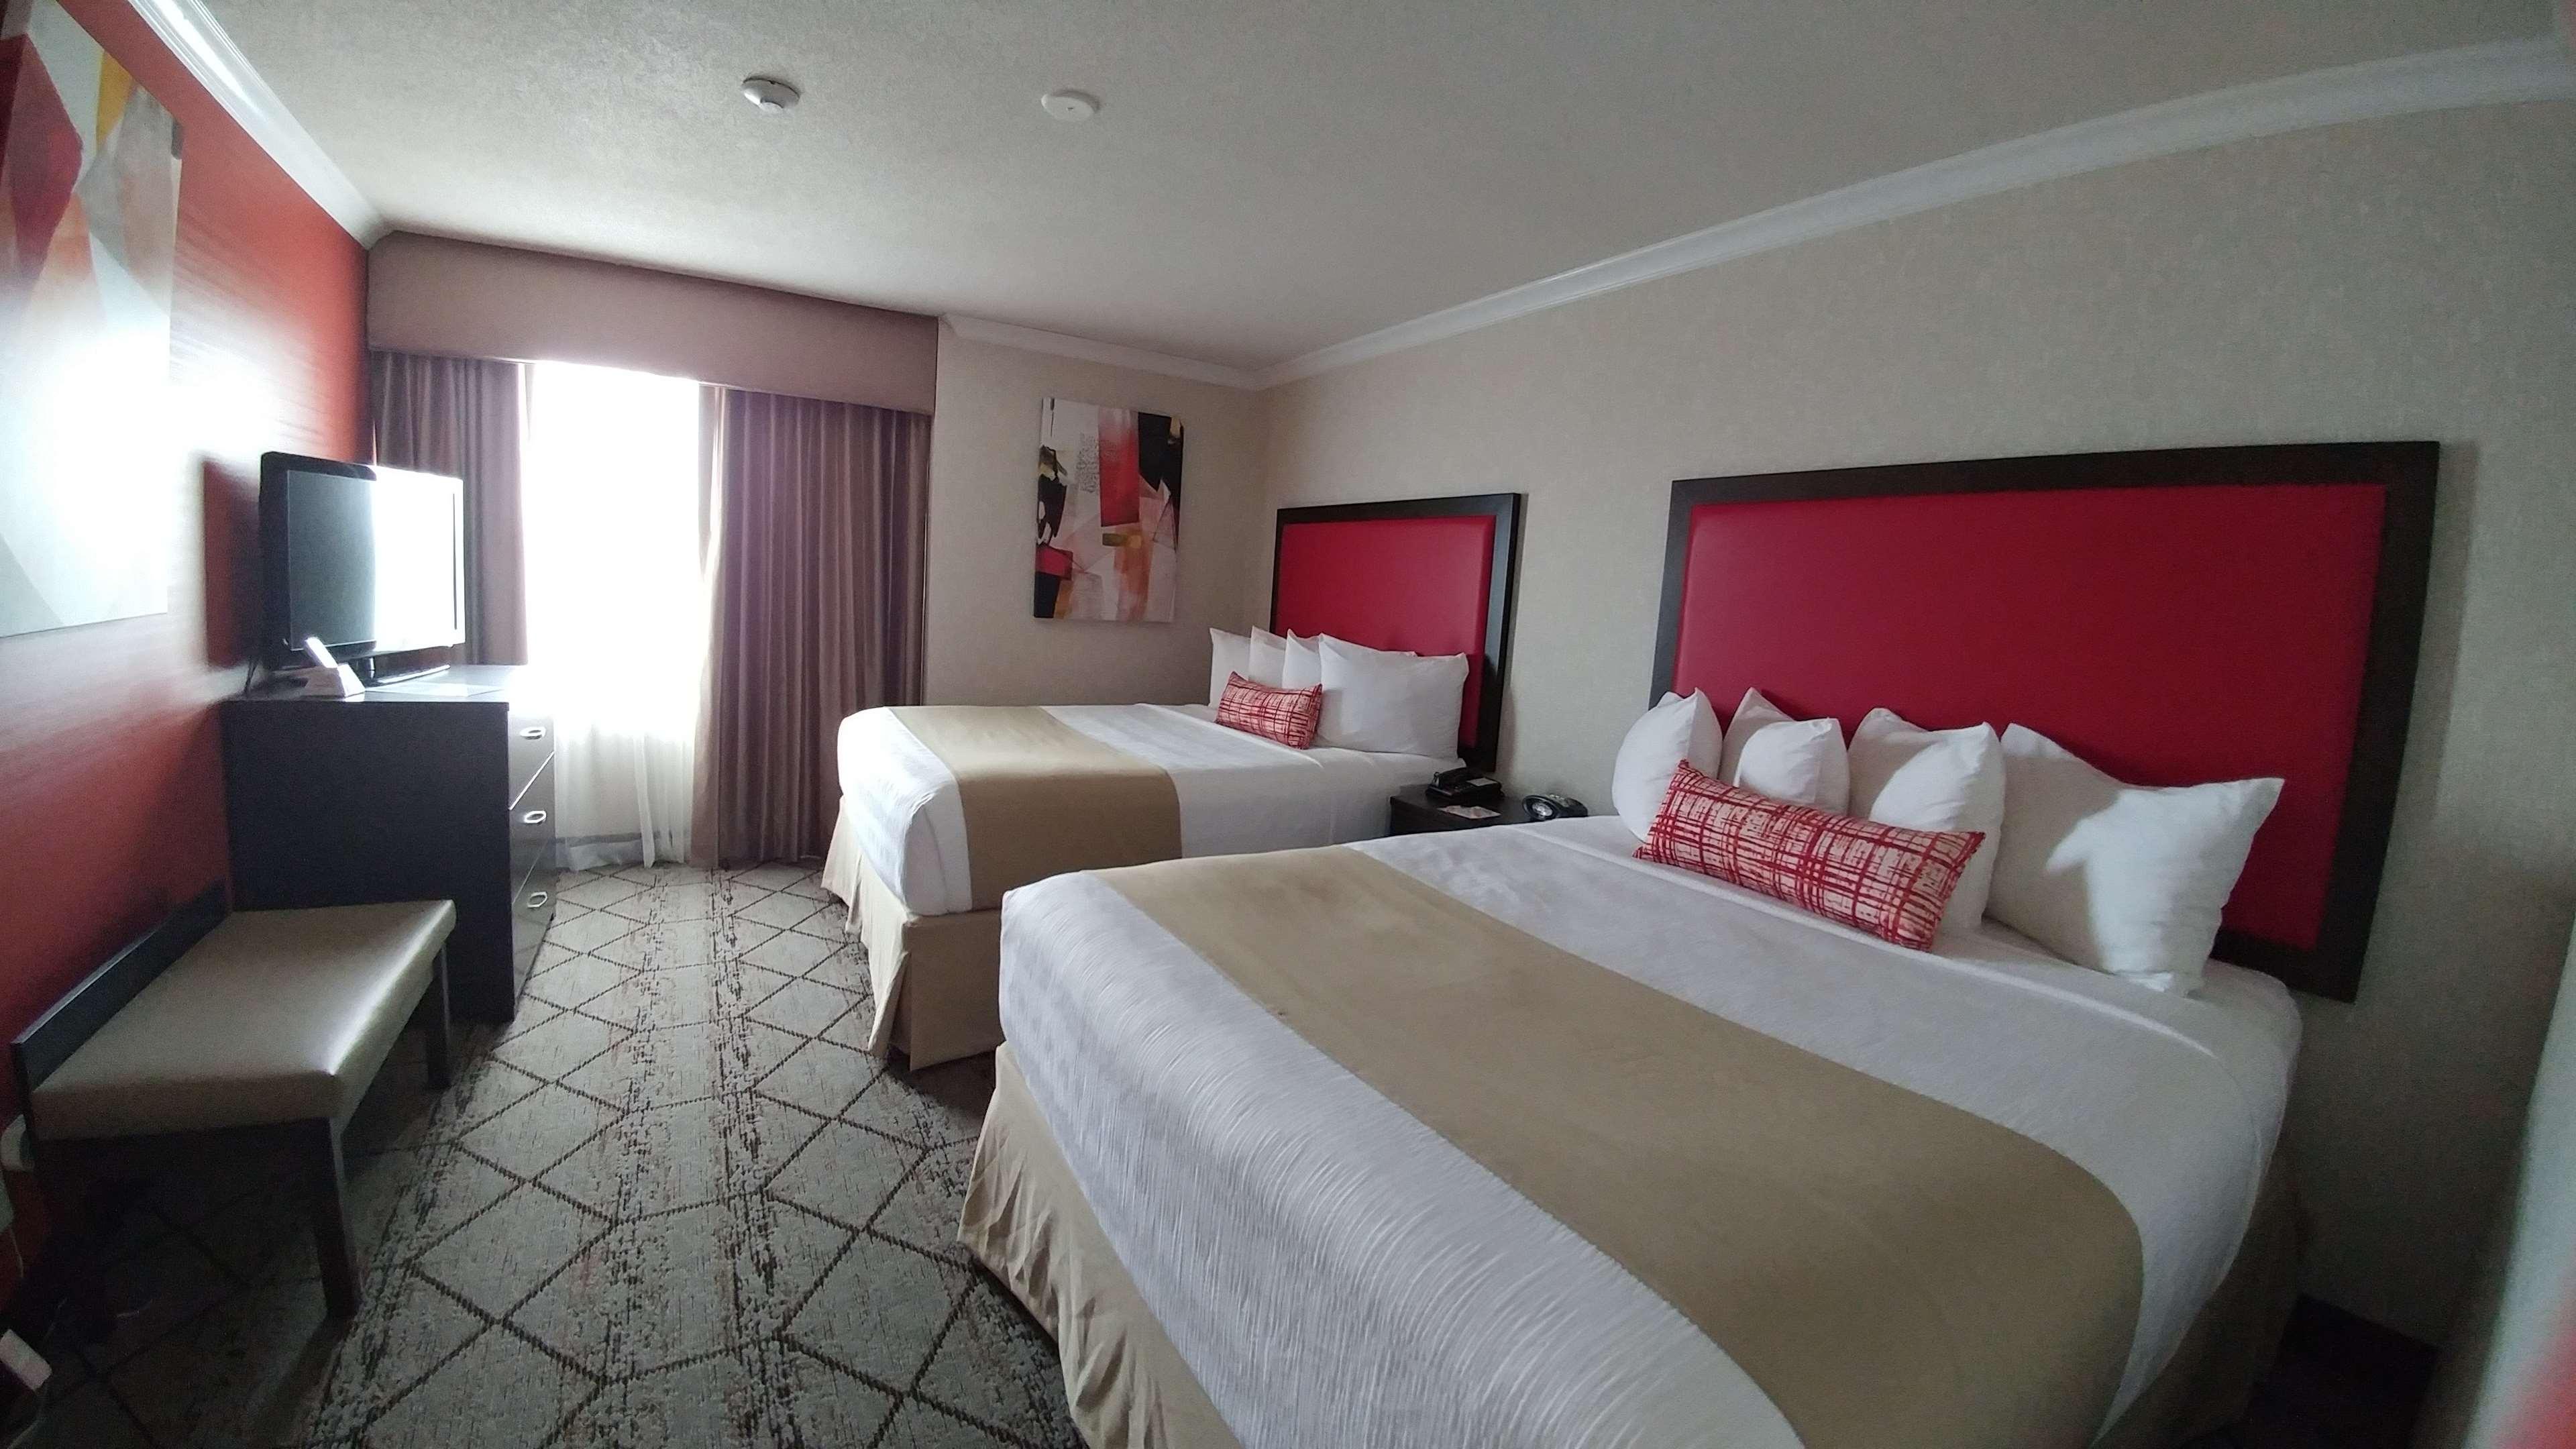 Best Western Plus Rose City Suites in Welland: 2 Queen beds